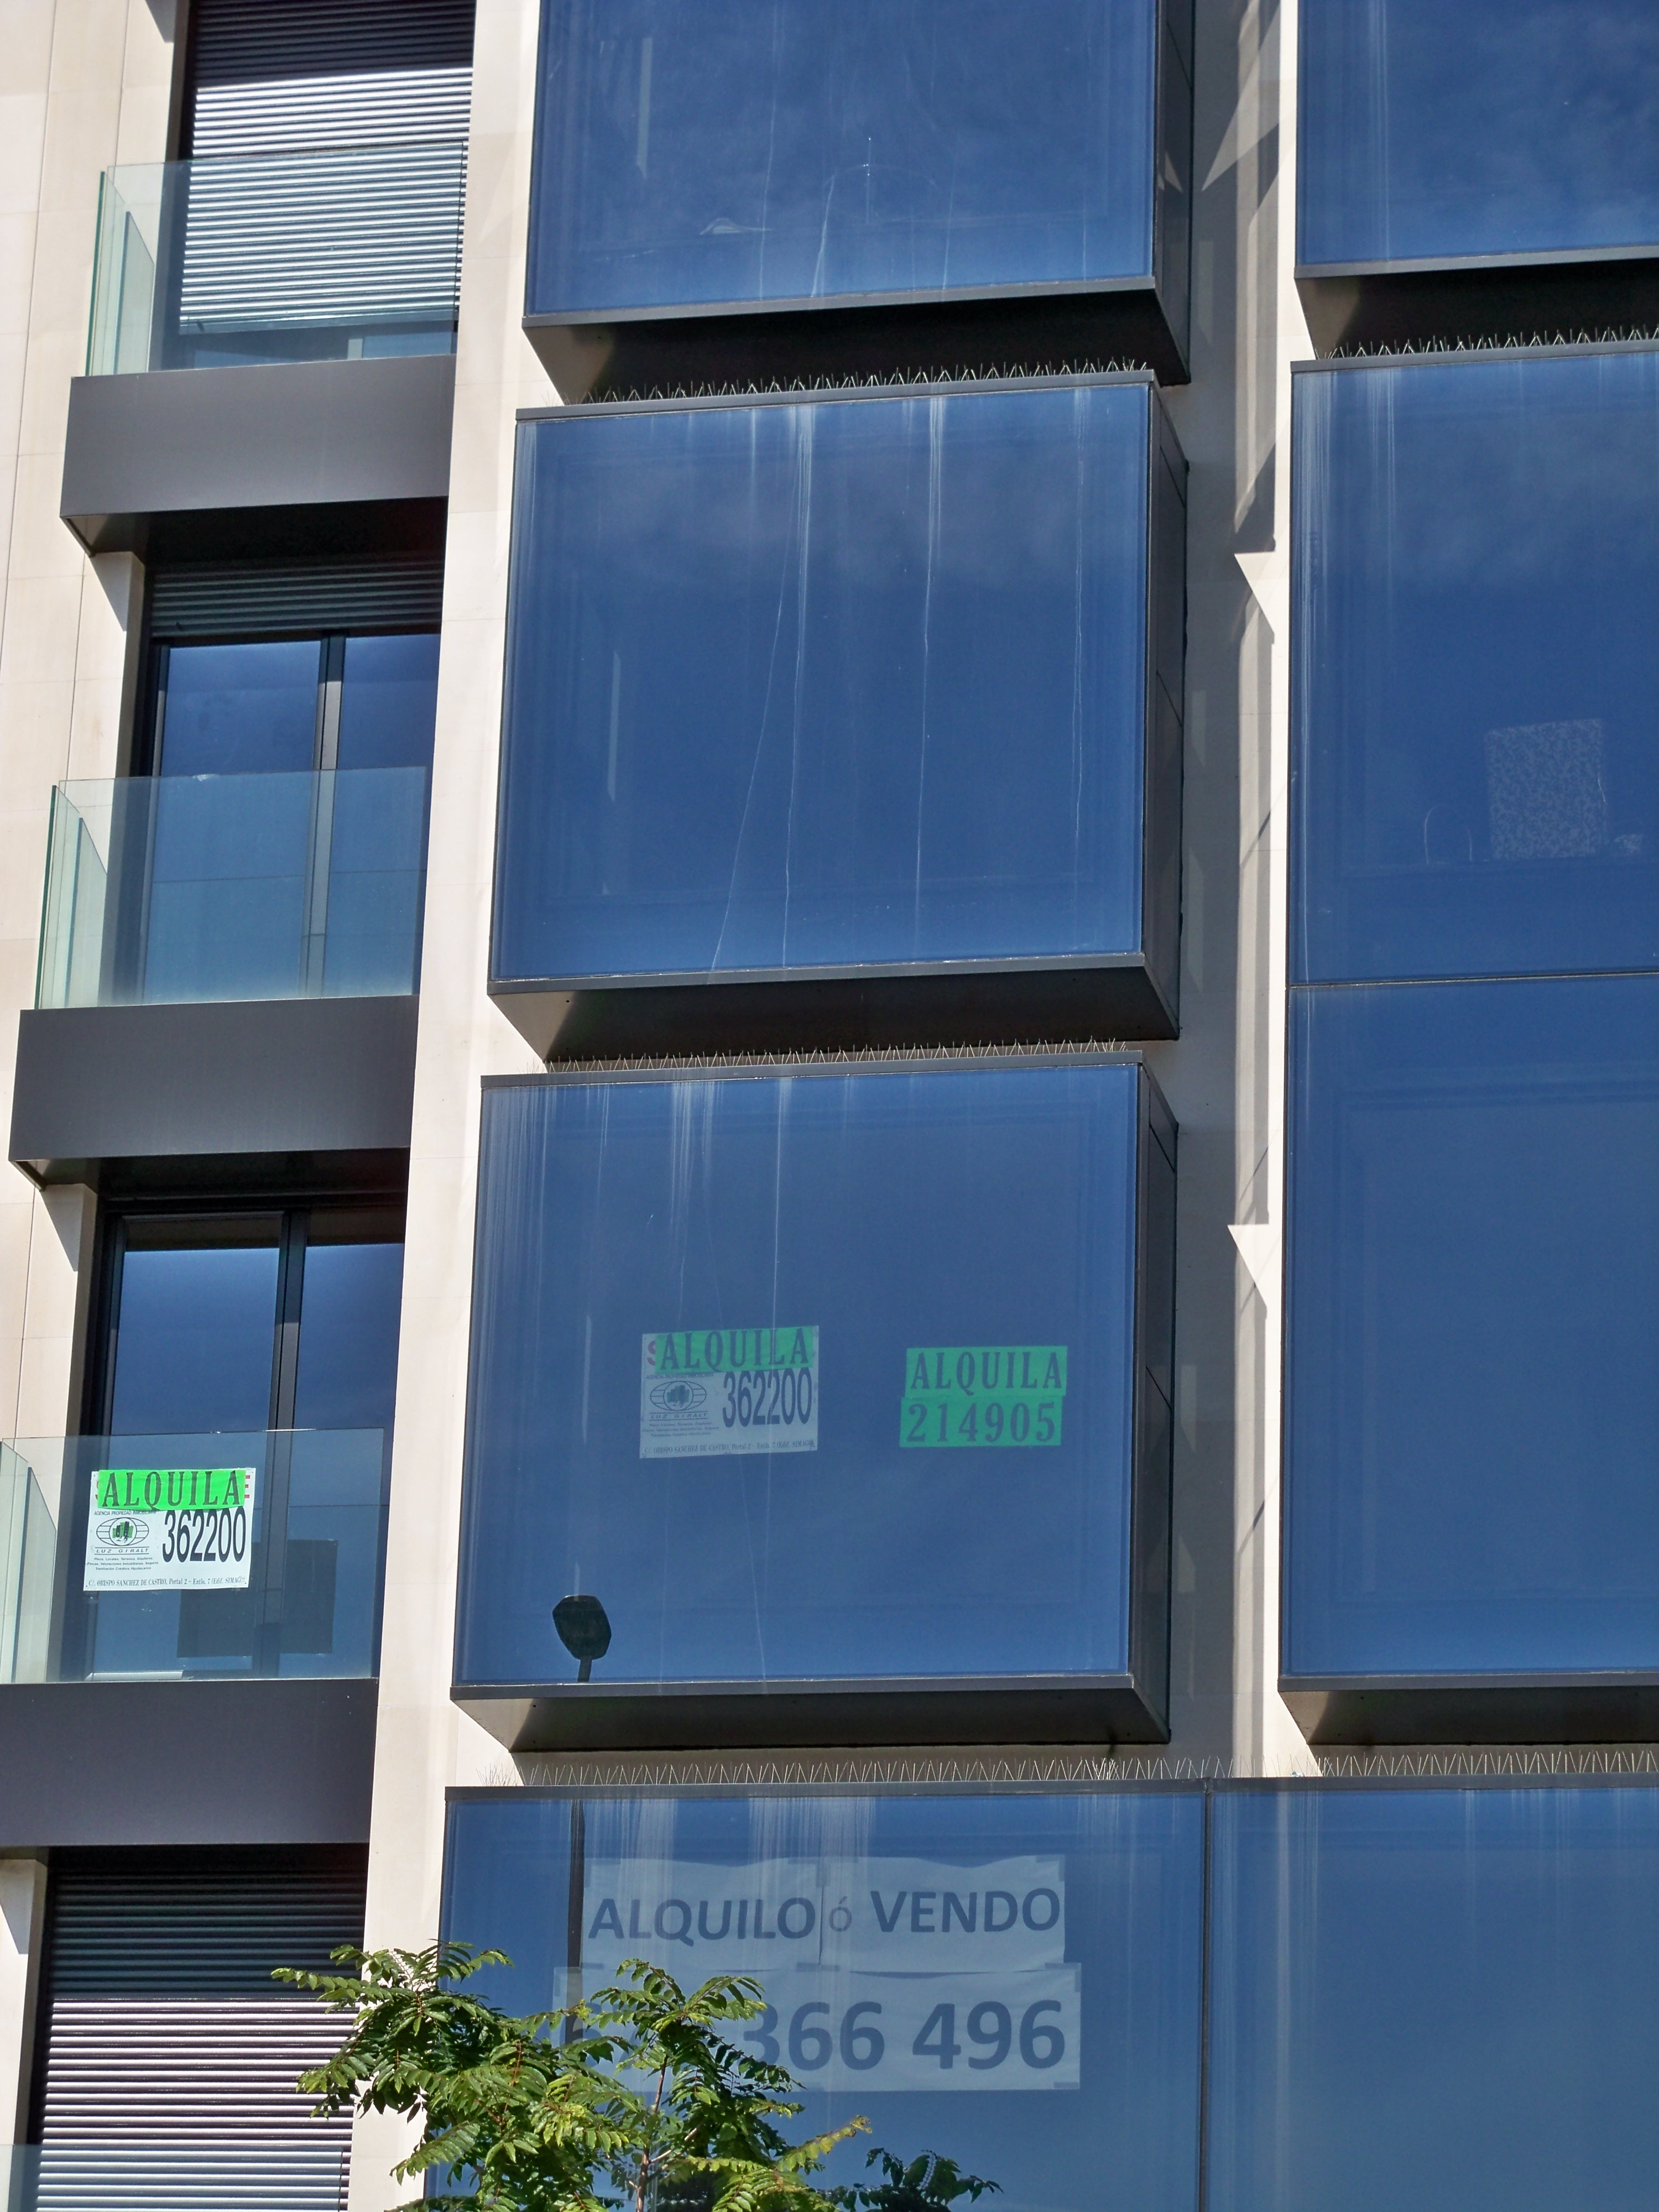 El precio del alquiler en Euskadi cae un 0,3% en julio y se sitúa en 9,75 euros por metro cuadrado